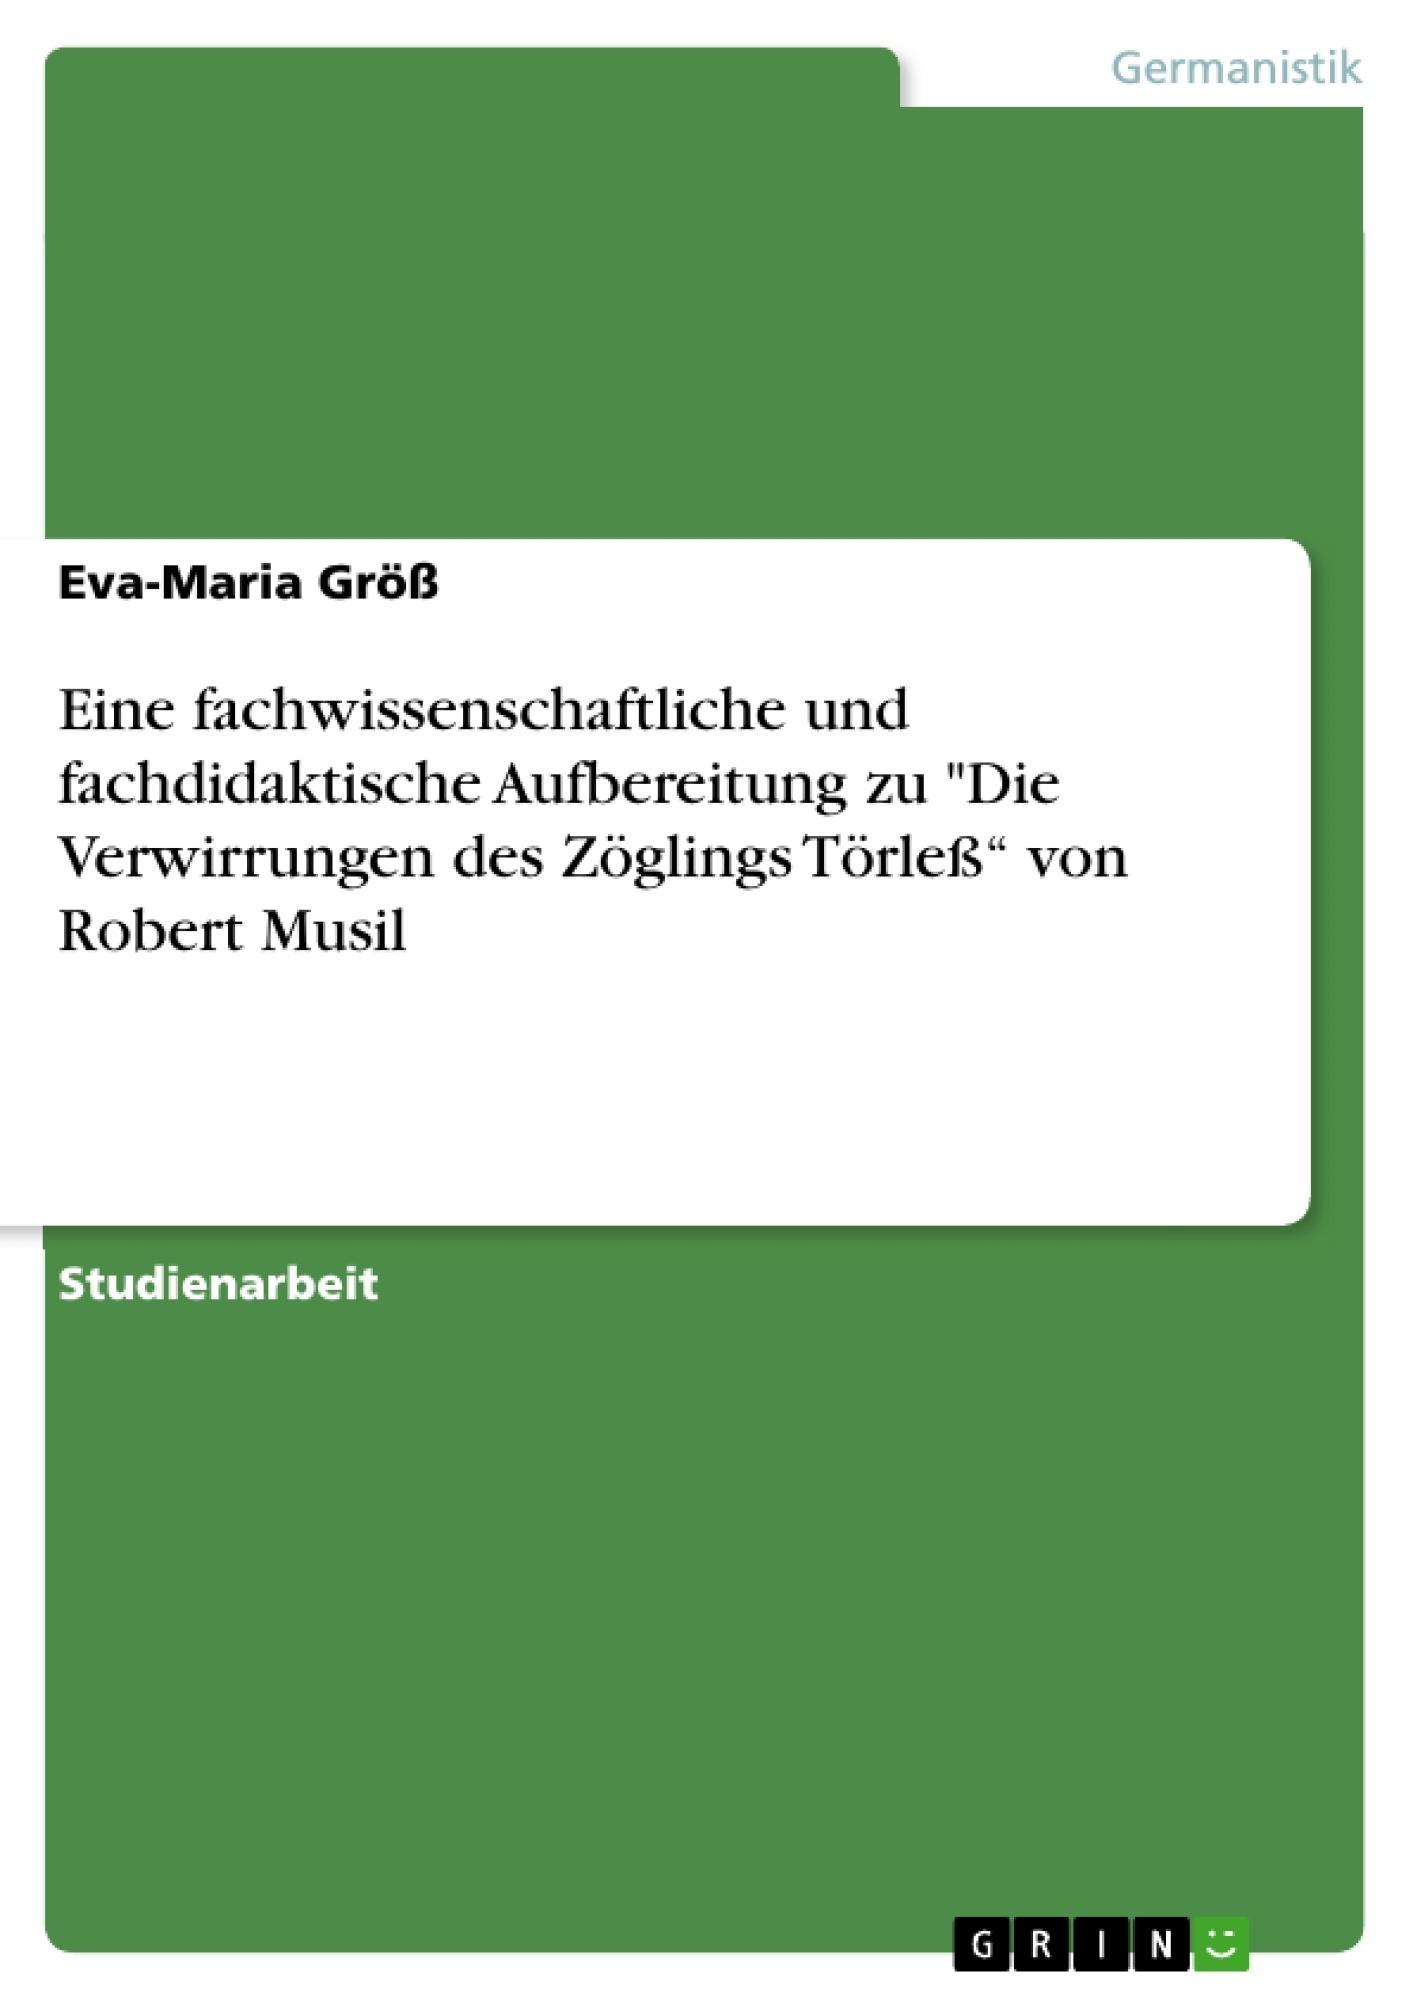 """Titel: Eine fachwissenschaftliche und fachdidaktische Aufbereitung zu """"Die Verwirrungen des Zöglings Törleß"""" von Robert Musil"""